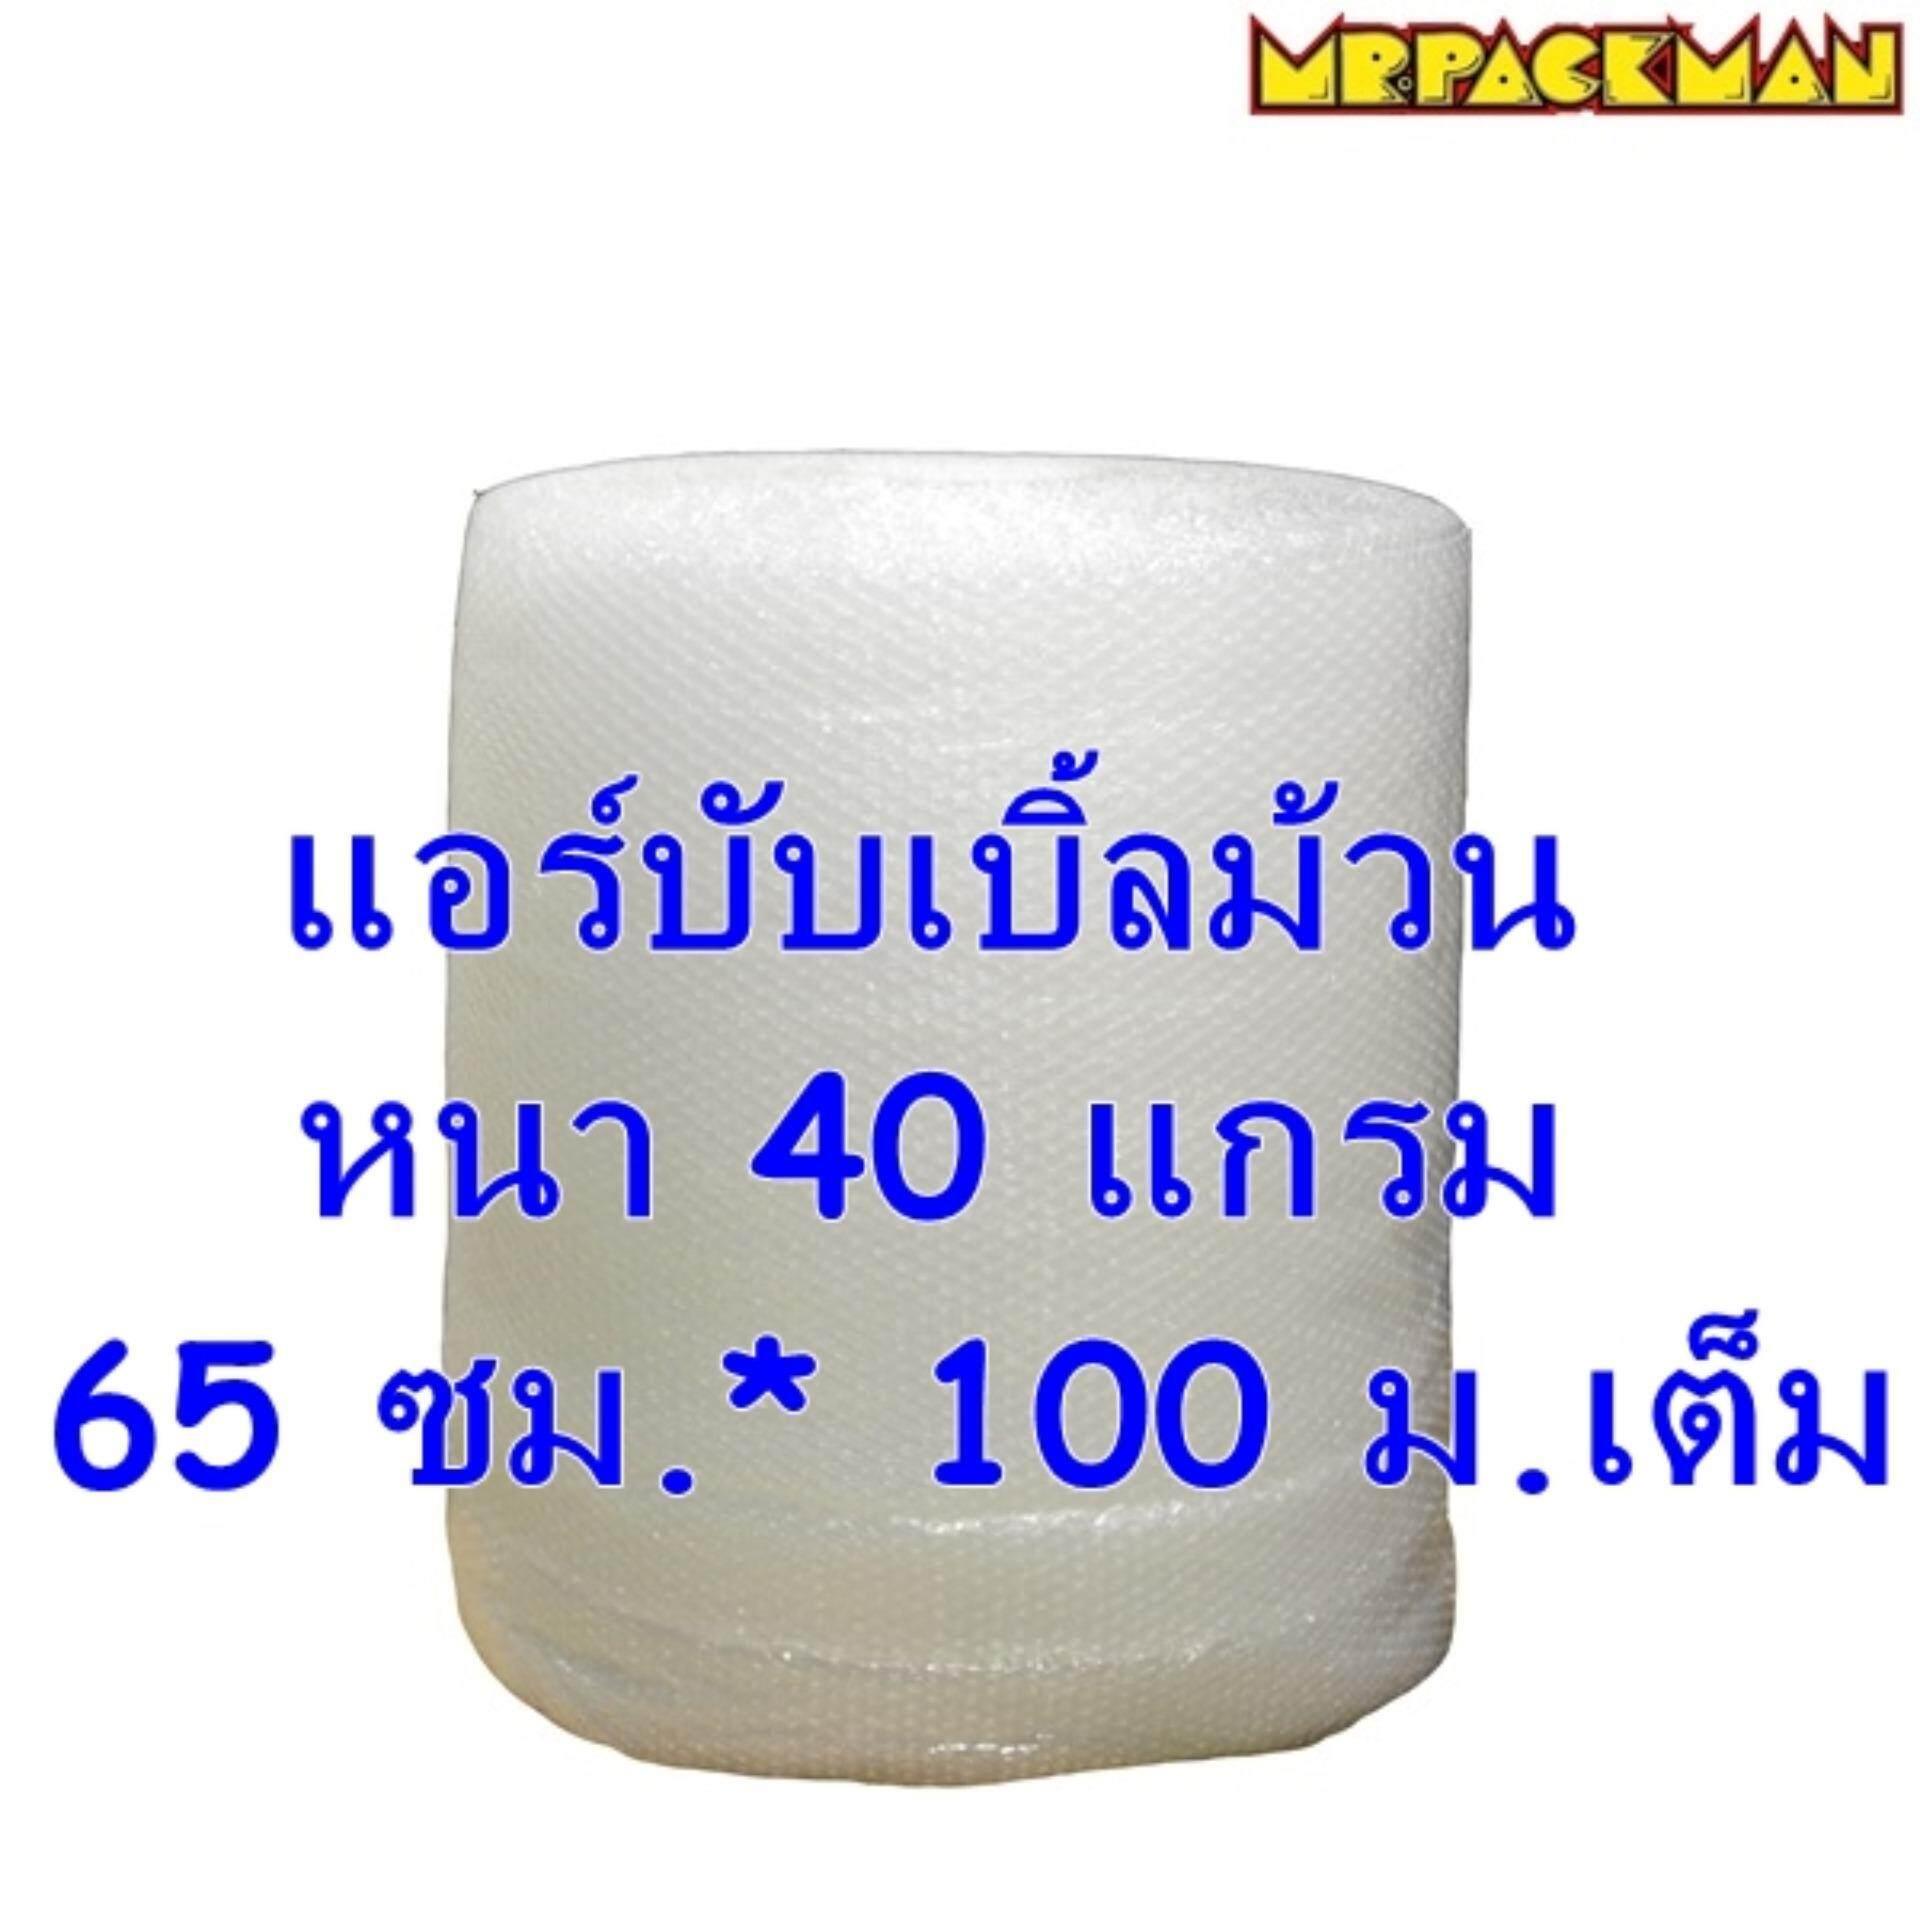 แอร์บับเบิ้ล พลาสติกกันกระแทก 65 ซม. * 100 ม. (40 แกรม) By Mr.packman.